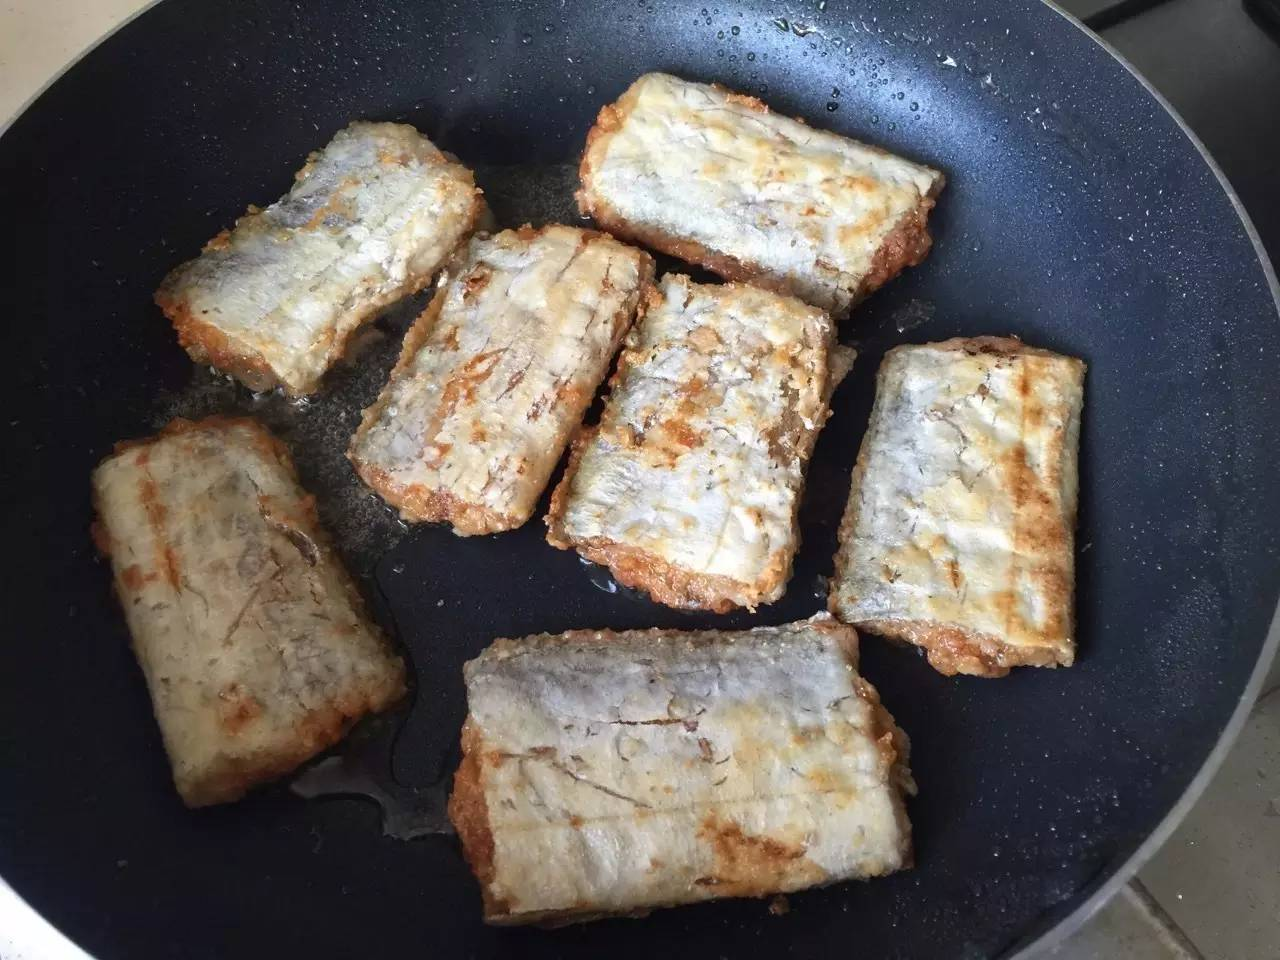 外酥里嫩的椒盐带鱼,佐粥超级棒!